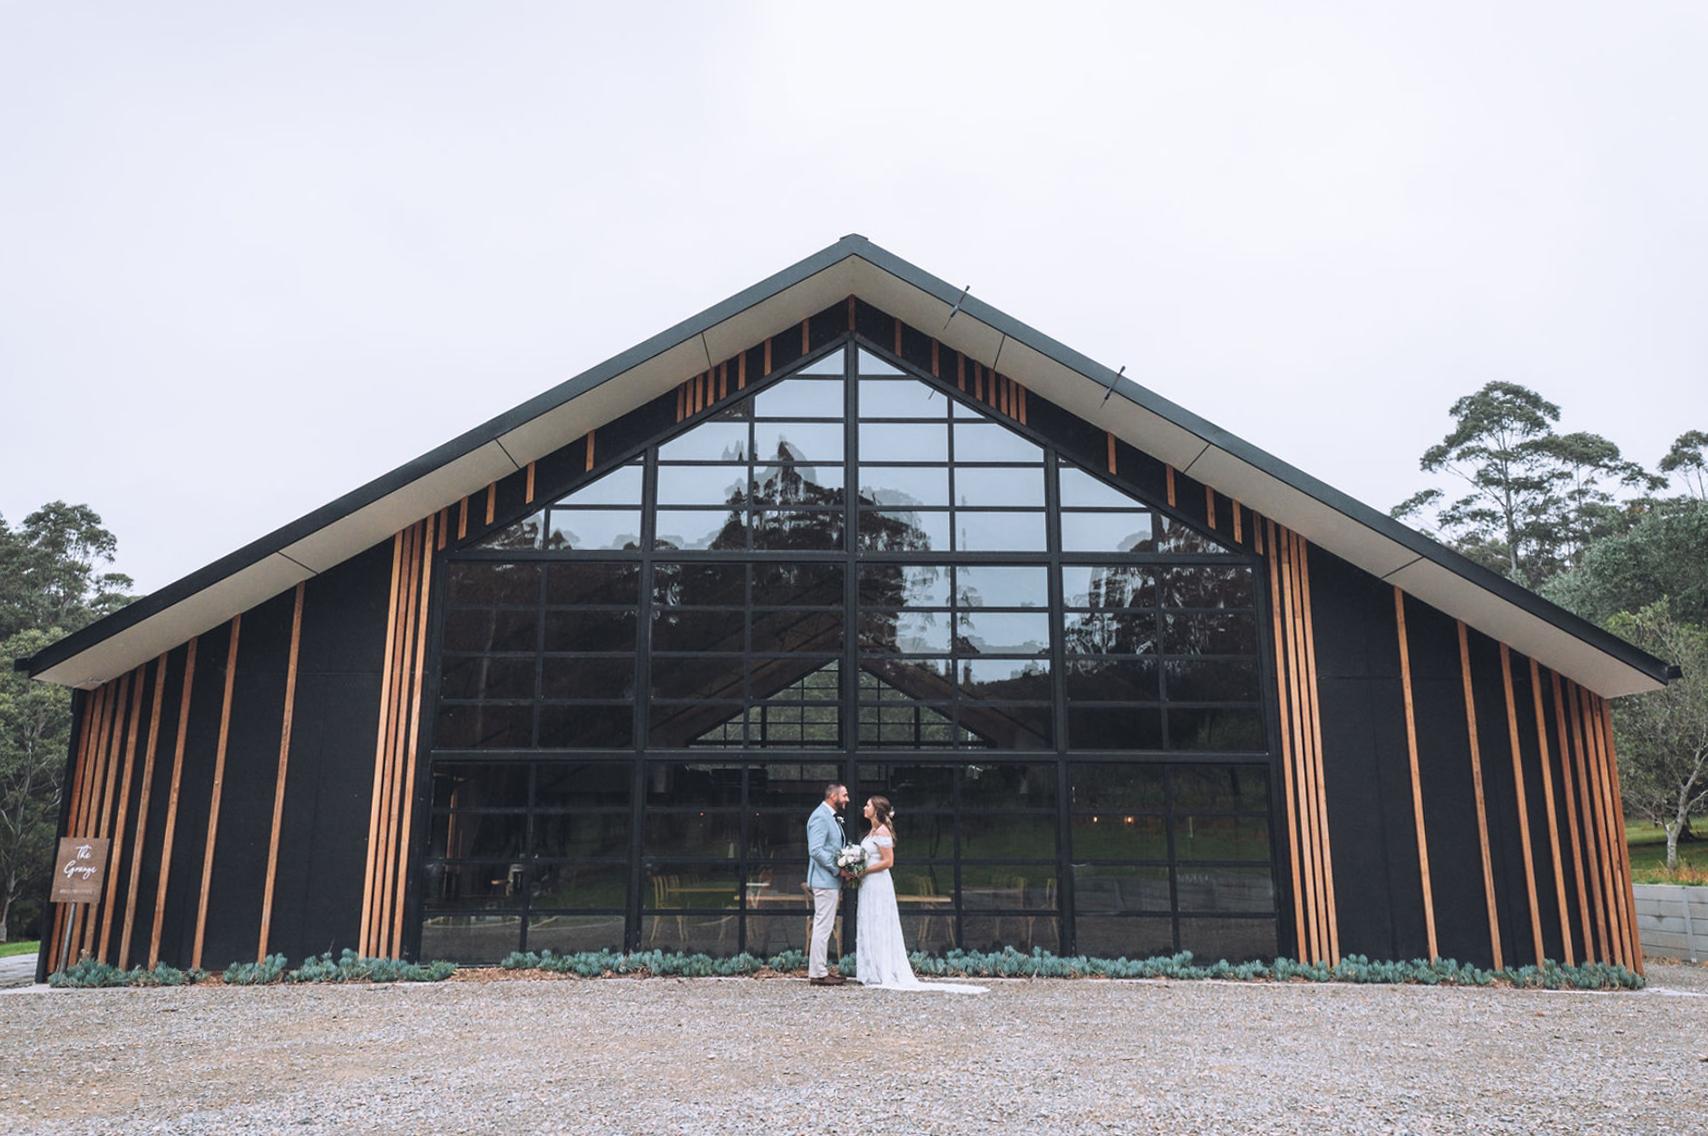 Industrial Warehouse wedding venue